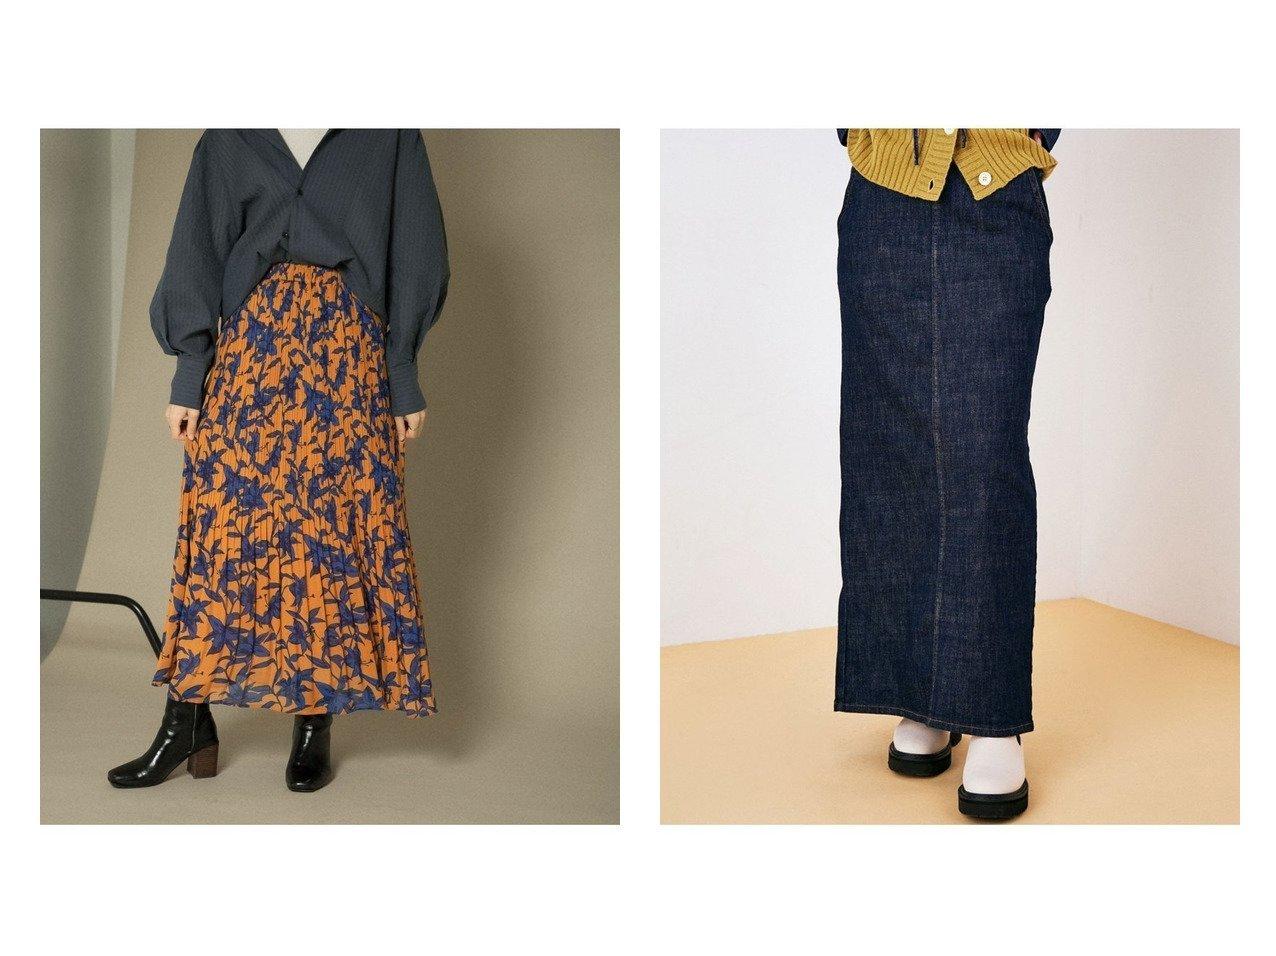 【KBF / URBAN RESEARCH/ケービーエフ】の【一部店舗限定】フラワープリントプリーツスカート&【ROPE' mademoiselle/ロペ マドモアゼル】のChloe ストレッチマキシスカート 【スカート】おすすめ!人気、トレンド・レディースファッションの通販 おすすめで人気の流行・トレンド、ファッションの通販商品 インテリア・家具・メンズファッション・キッズファッション・レディースファッション・服の通販 founy(ファニー) https://founy.com/ ファッション Fashion レディースファッション WOMEN スカート Skirt デニムスカート Denim Skirts プリーツスカート Pleated Skirts アクセサリー インディゴ 秋 Autumn/Fall ストレッチ デニム トレンド パール ポケット レース ロング おすすめ Recommend くるぶし コンパクト サンダル スウェット プリーツ ベスト A/W・秋冬 AW・Autumn/Winter・FW・Fall-Winter 夏 Summer  ID:crp329100000070090